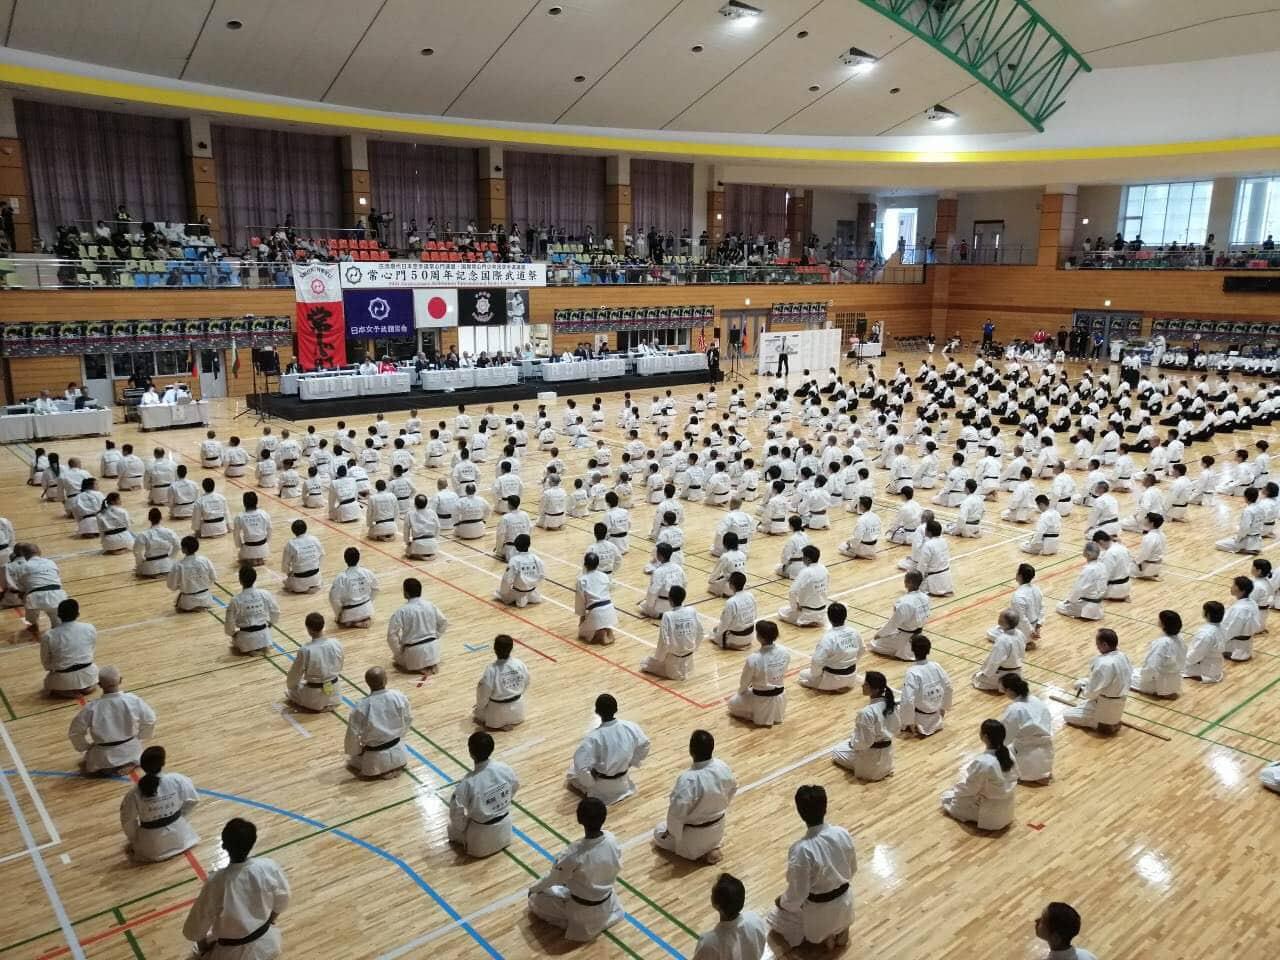 Йошинмон шорин-рю карате чества 50-годишнина (СНИМКИ+ВИДЕО)